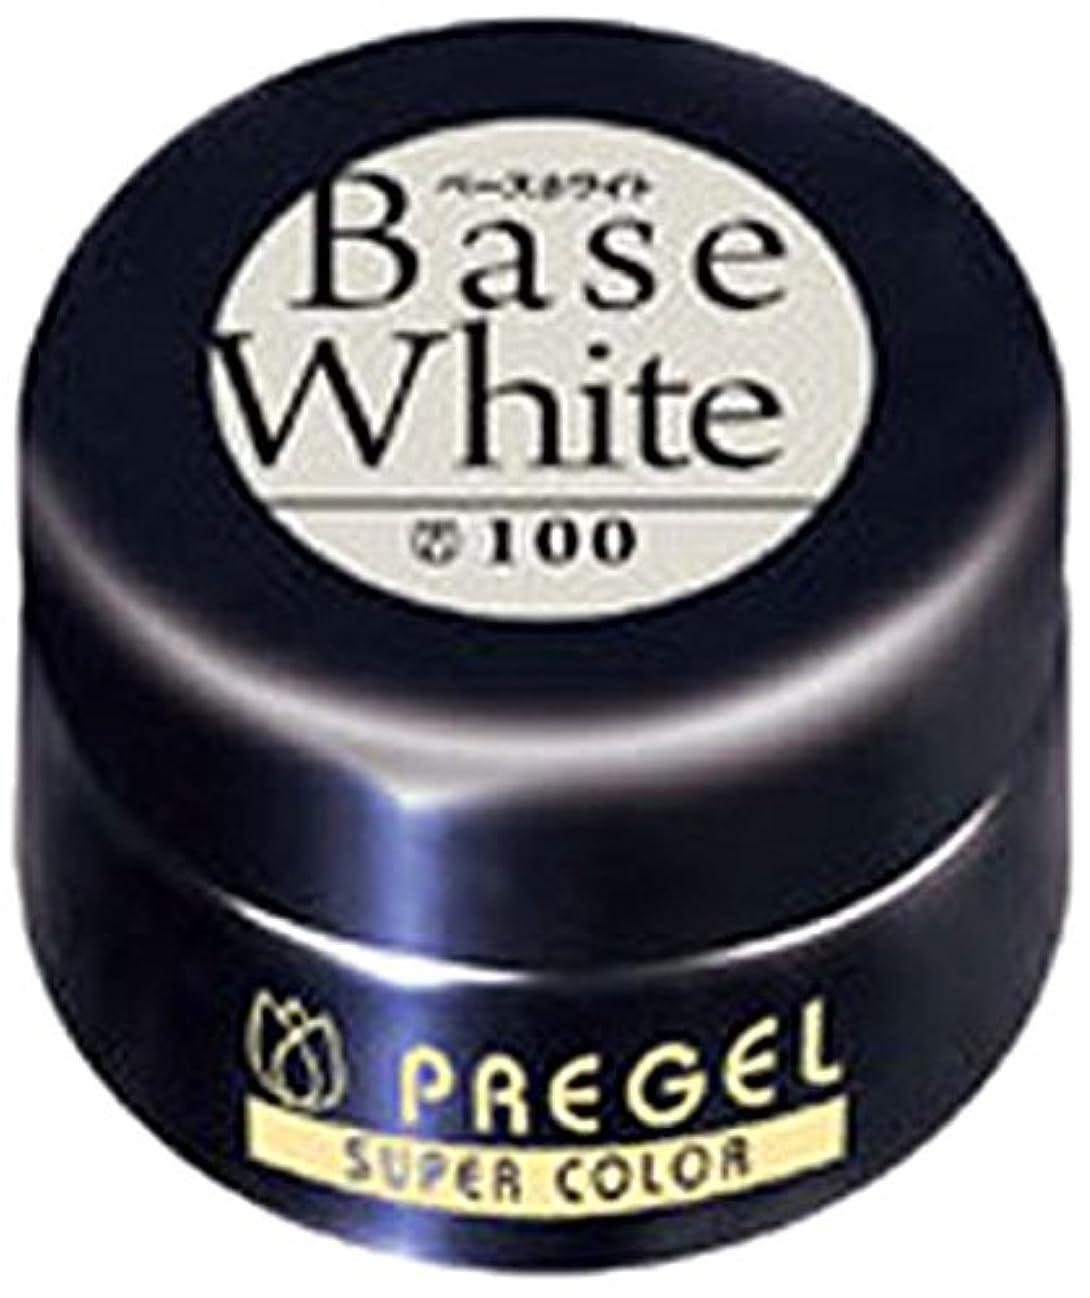 若者悪性腫瘍地雷原プリジェル スーパーカラーEX ベースホワイト 4g PG-SE100 カラージェル